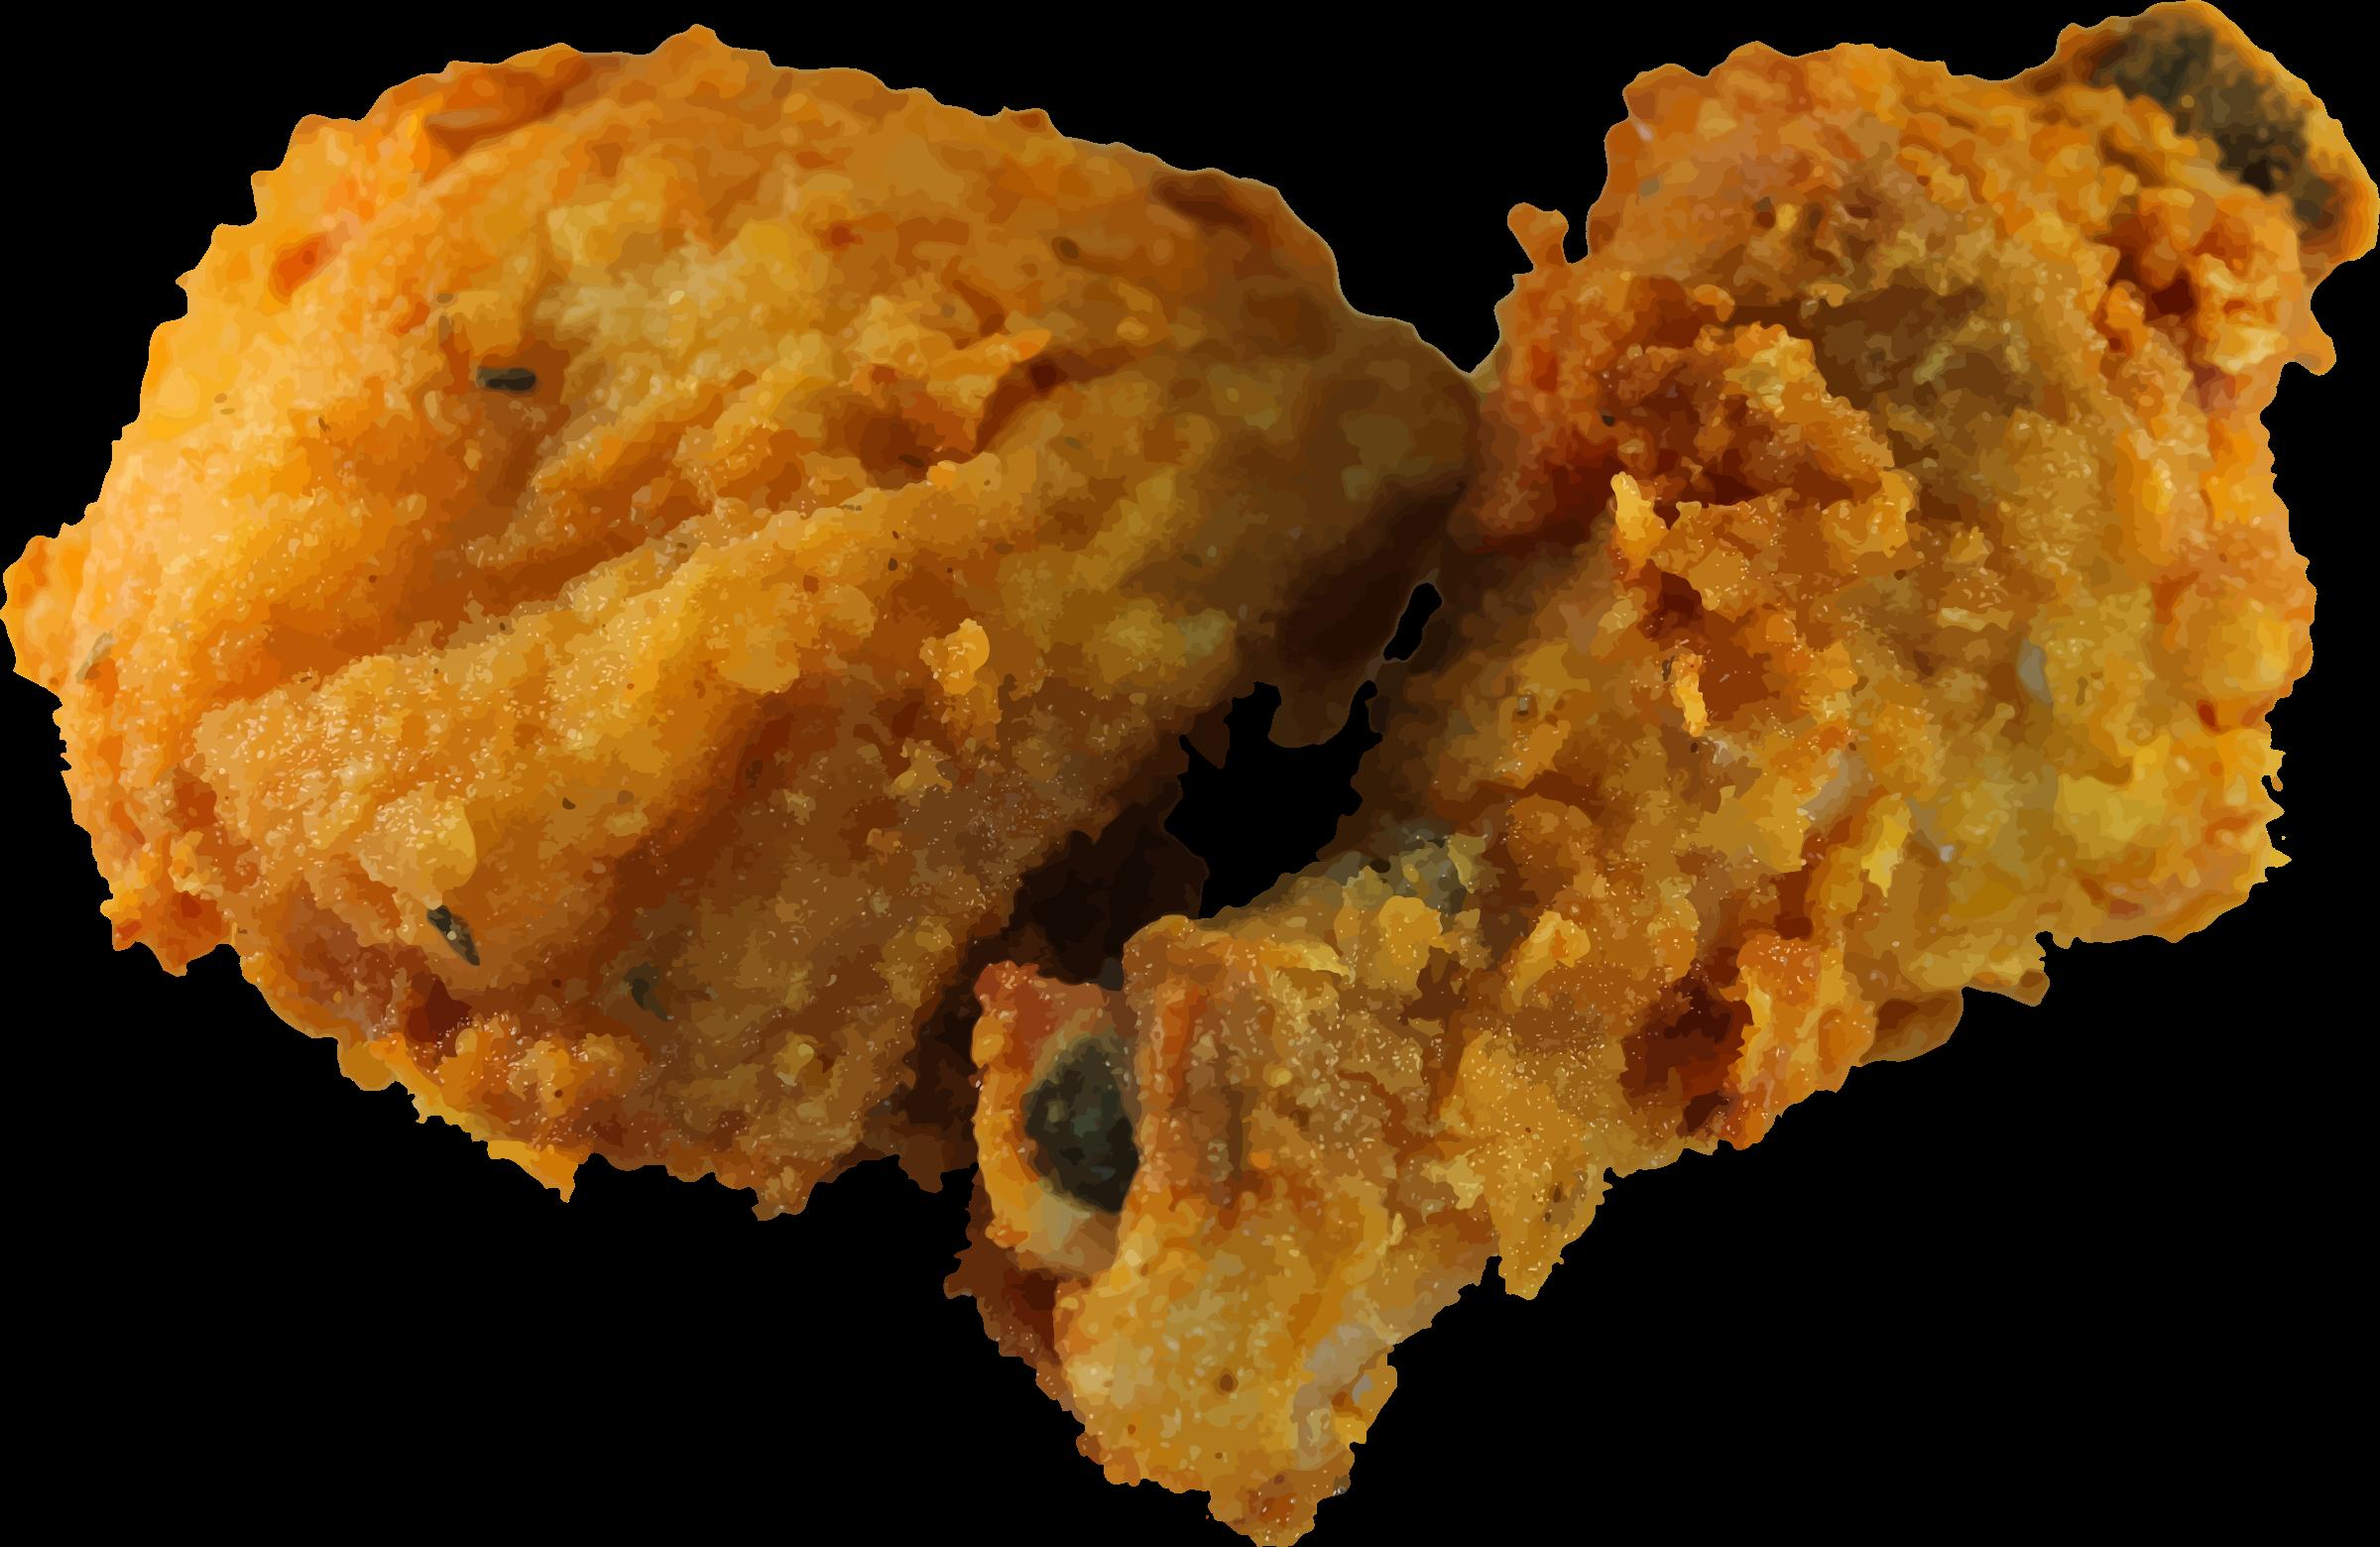 Fried chicken by Firkin